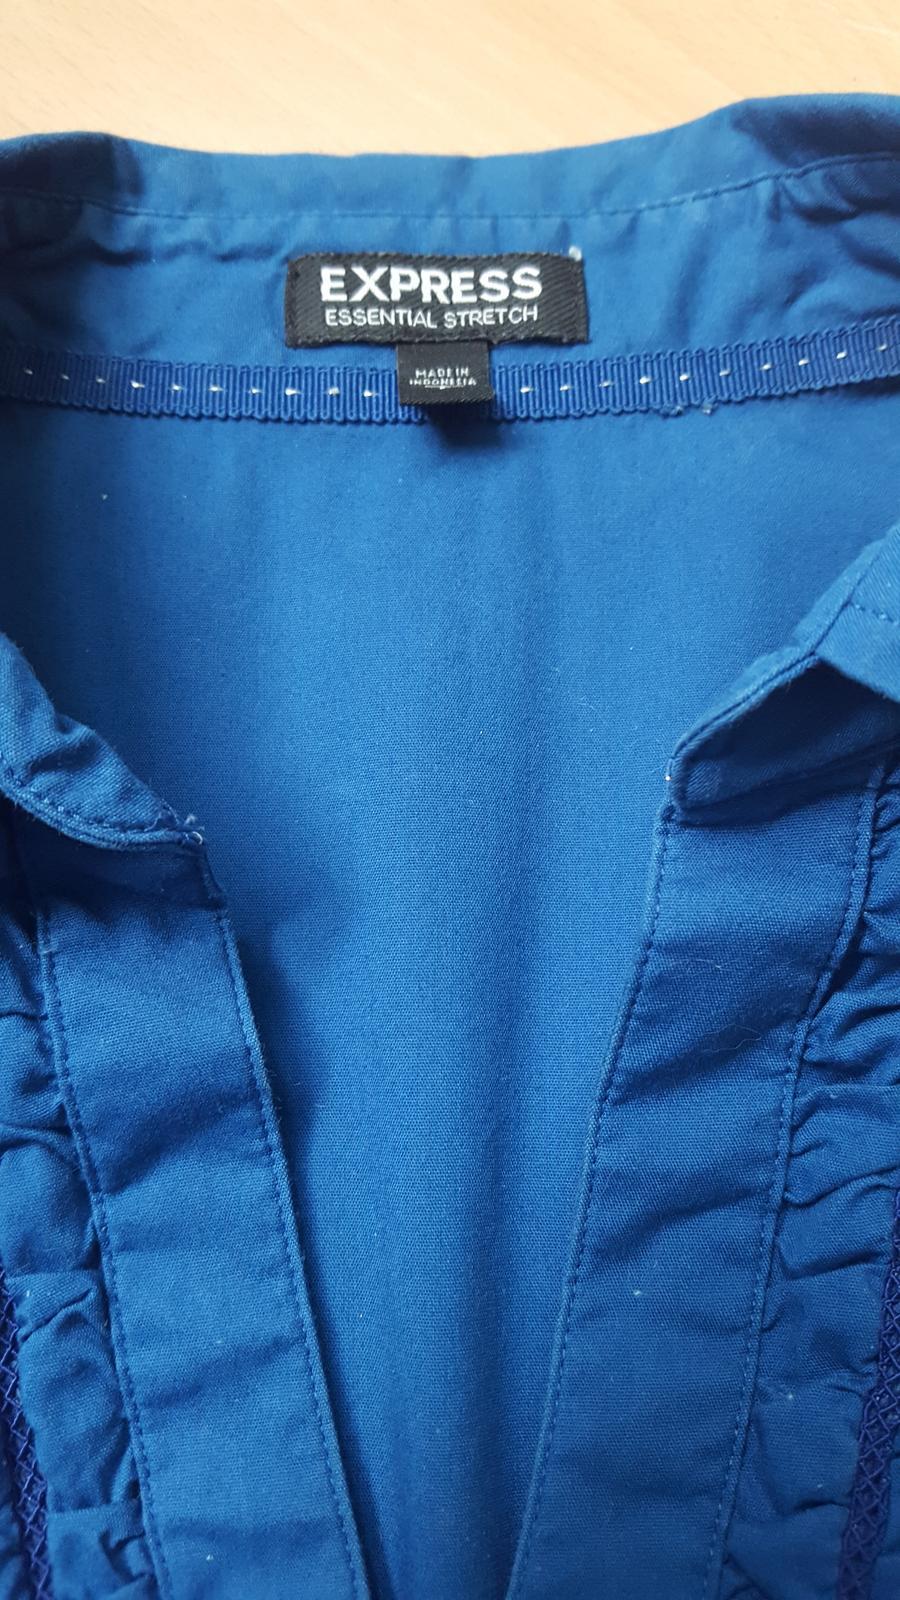 Elegantní modrá košile zn.Express - Obrázek č. 2